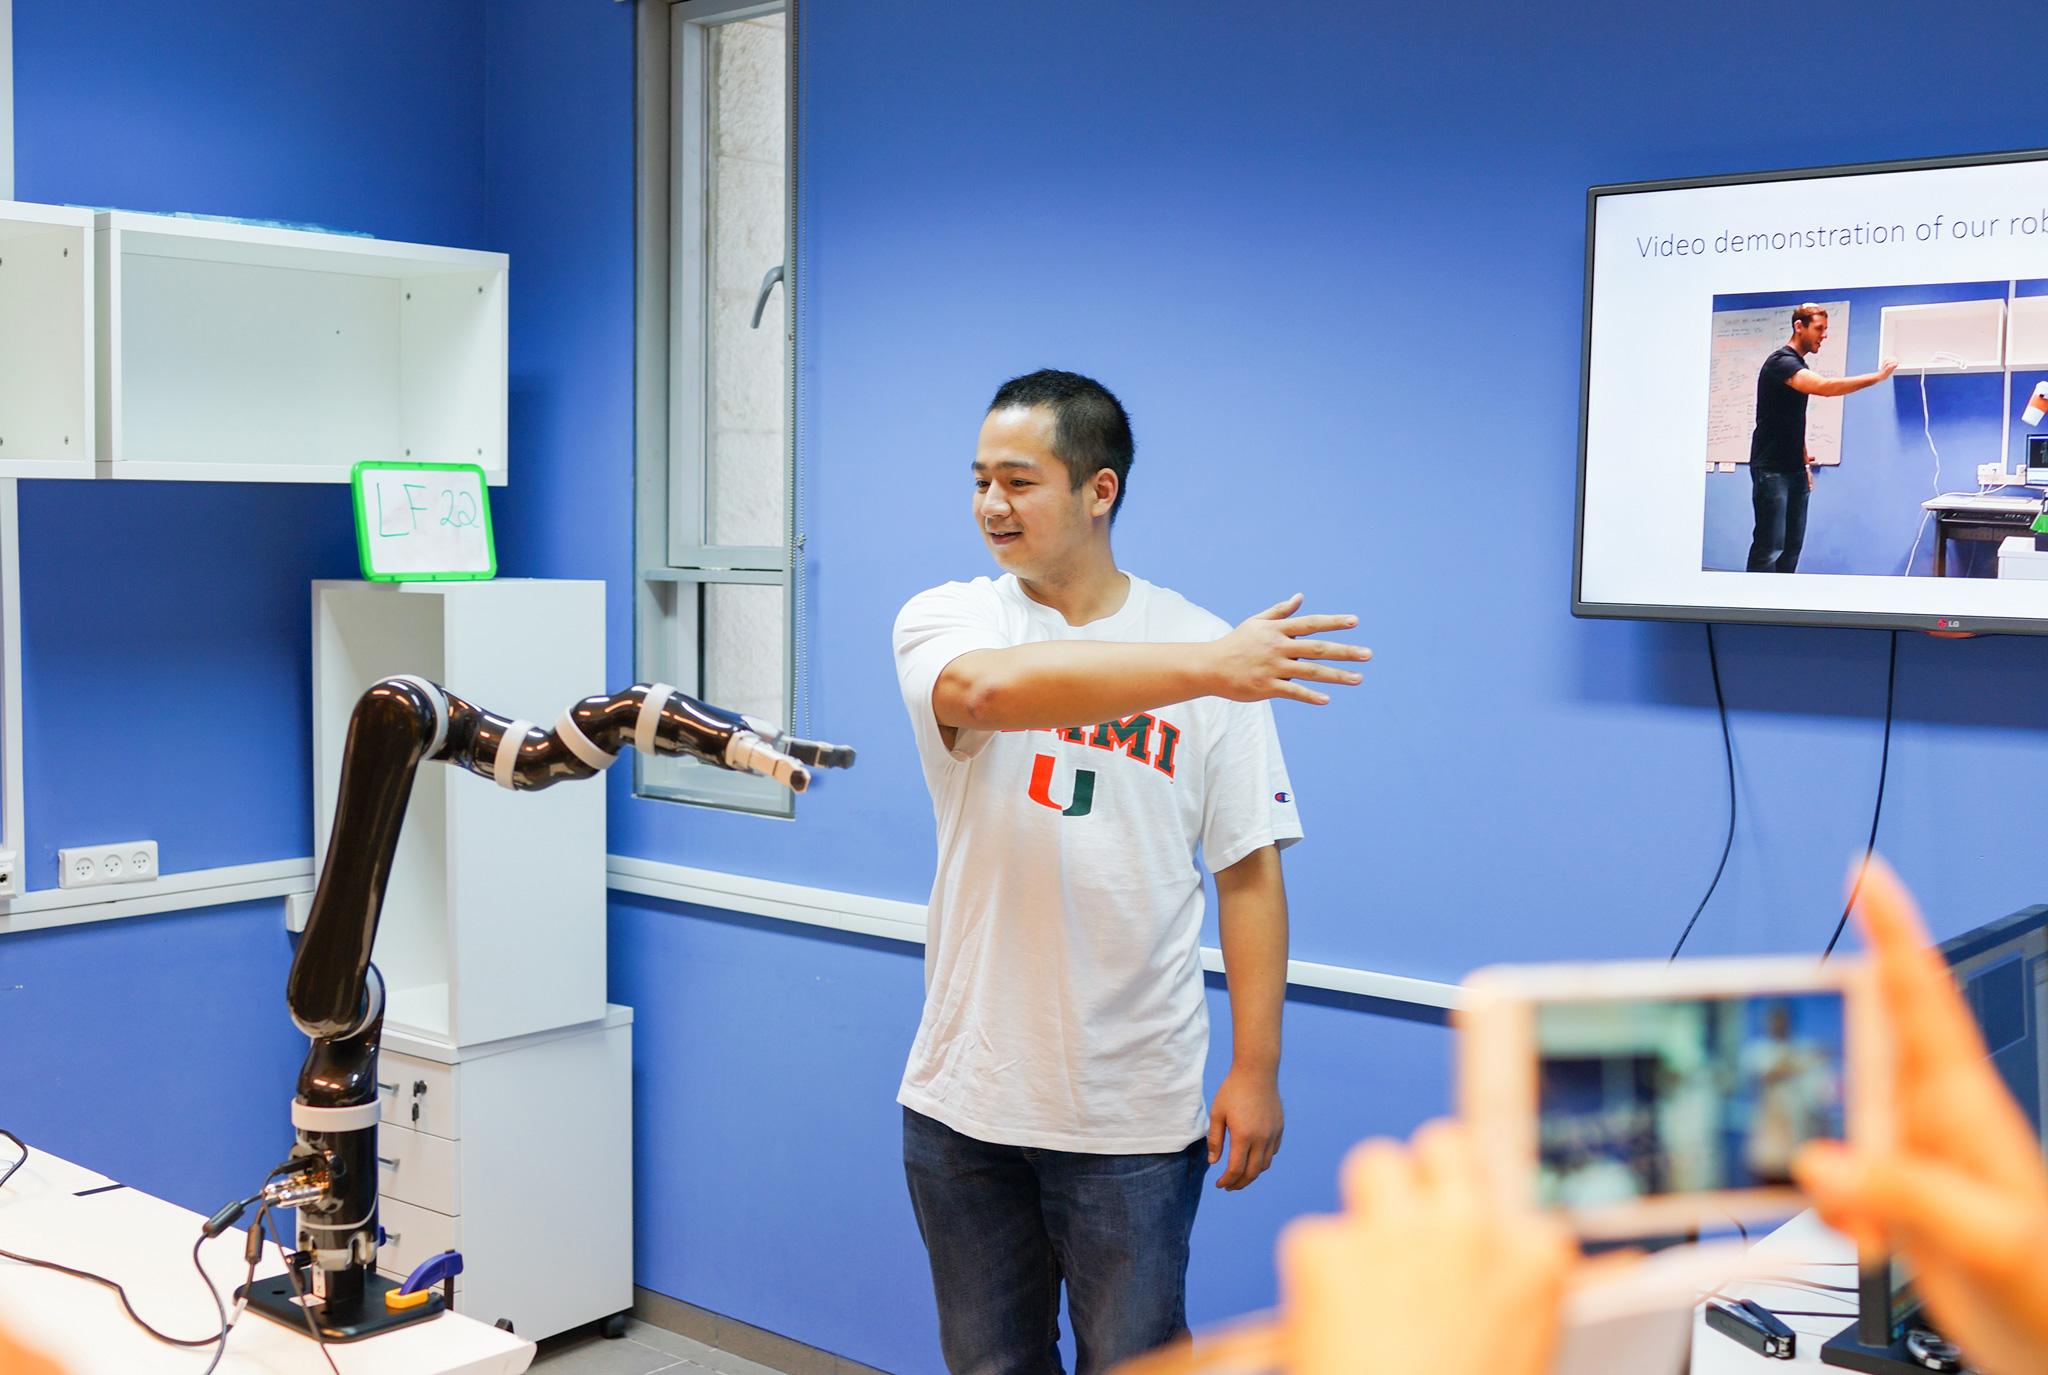 在本古里安大学的机器人实验里,一只机器人手臂通过感应钛媒体考察团人员的姿体语言,做出相应的动作模拟。